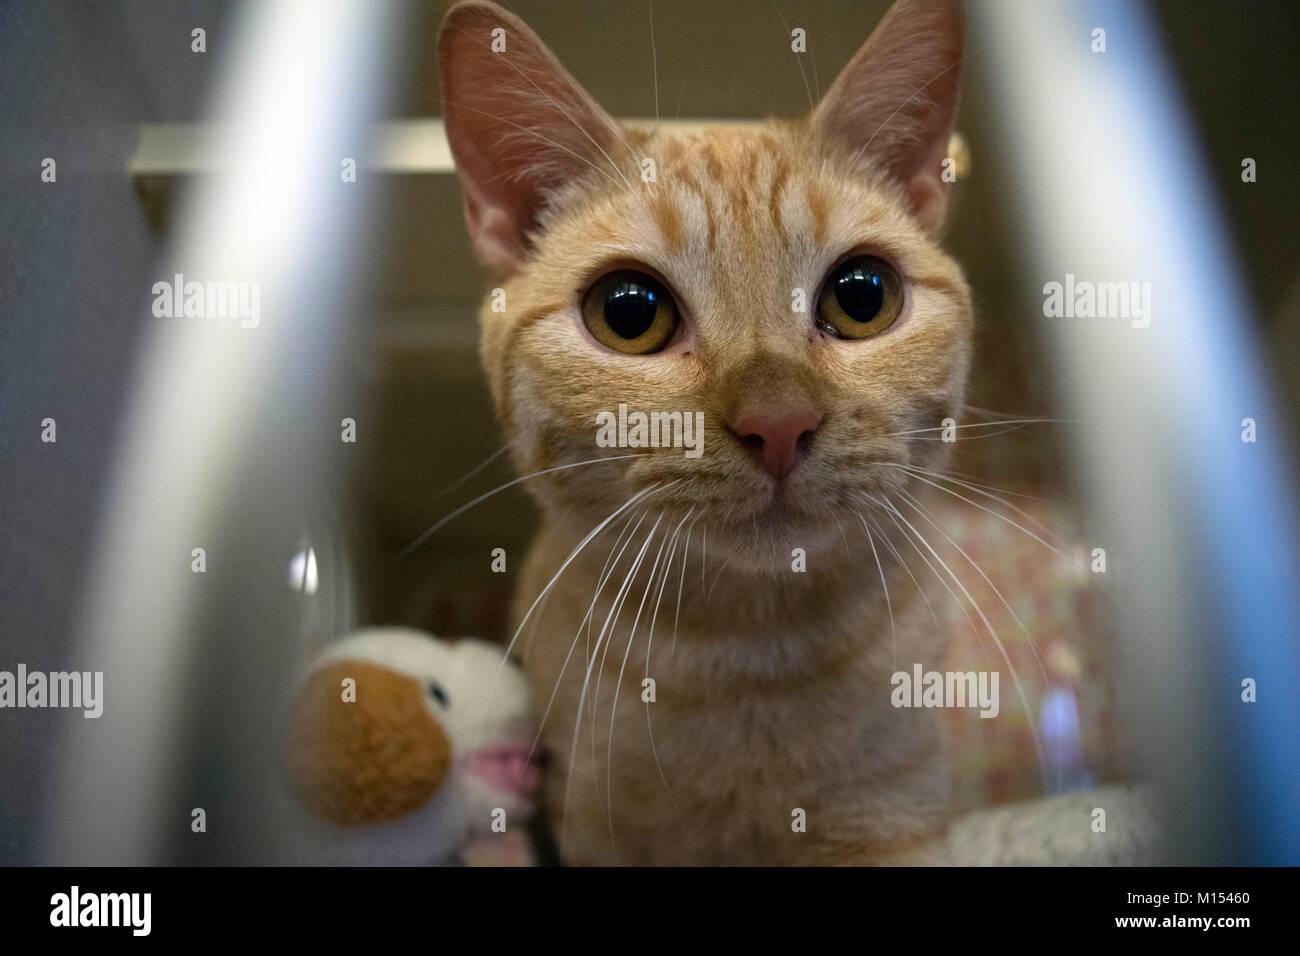 Un gatito espera aprobación en el refugio local de animales. Imagen De Stock